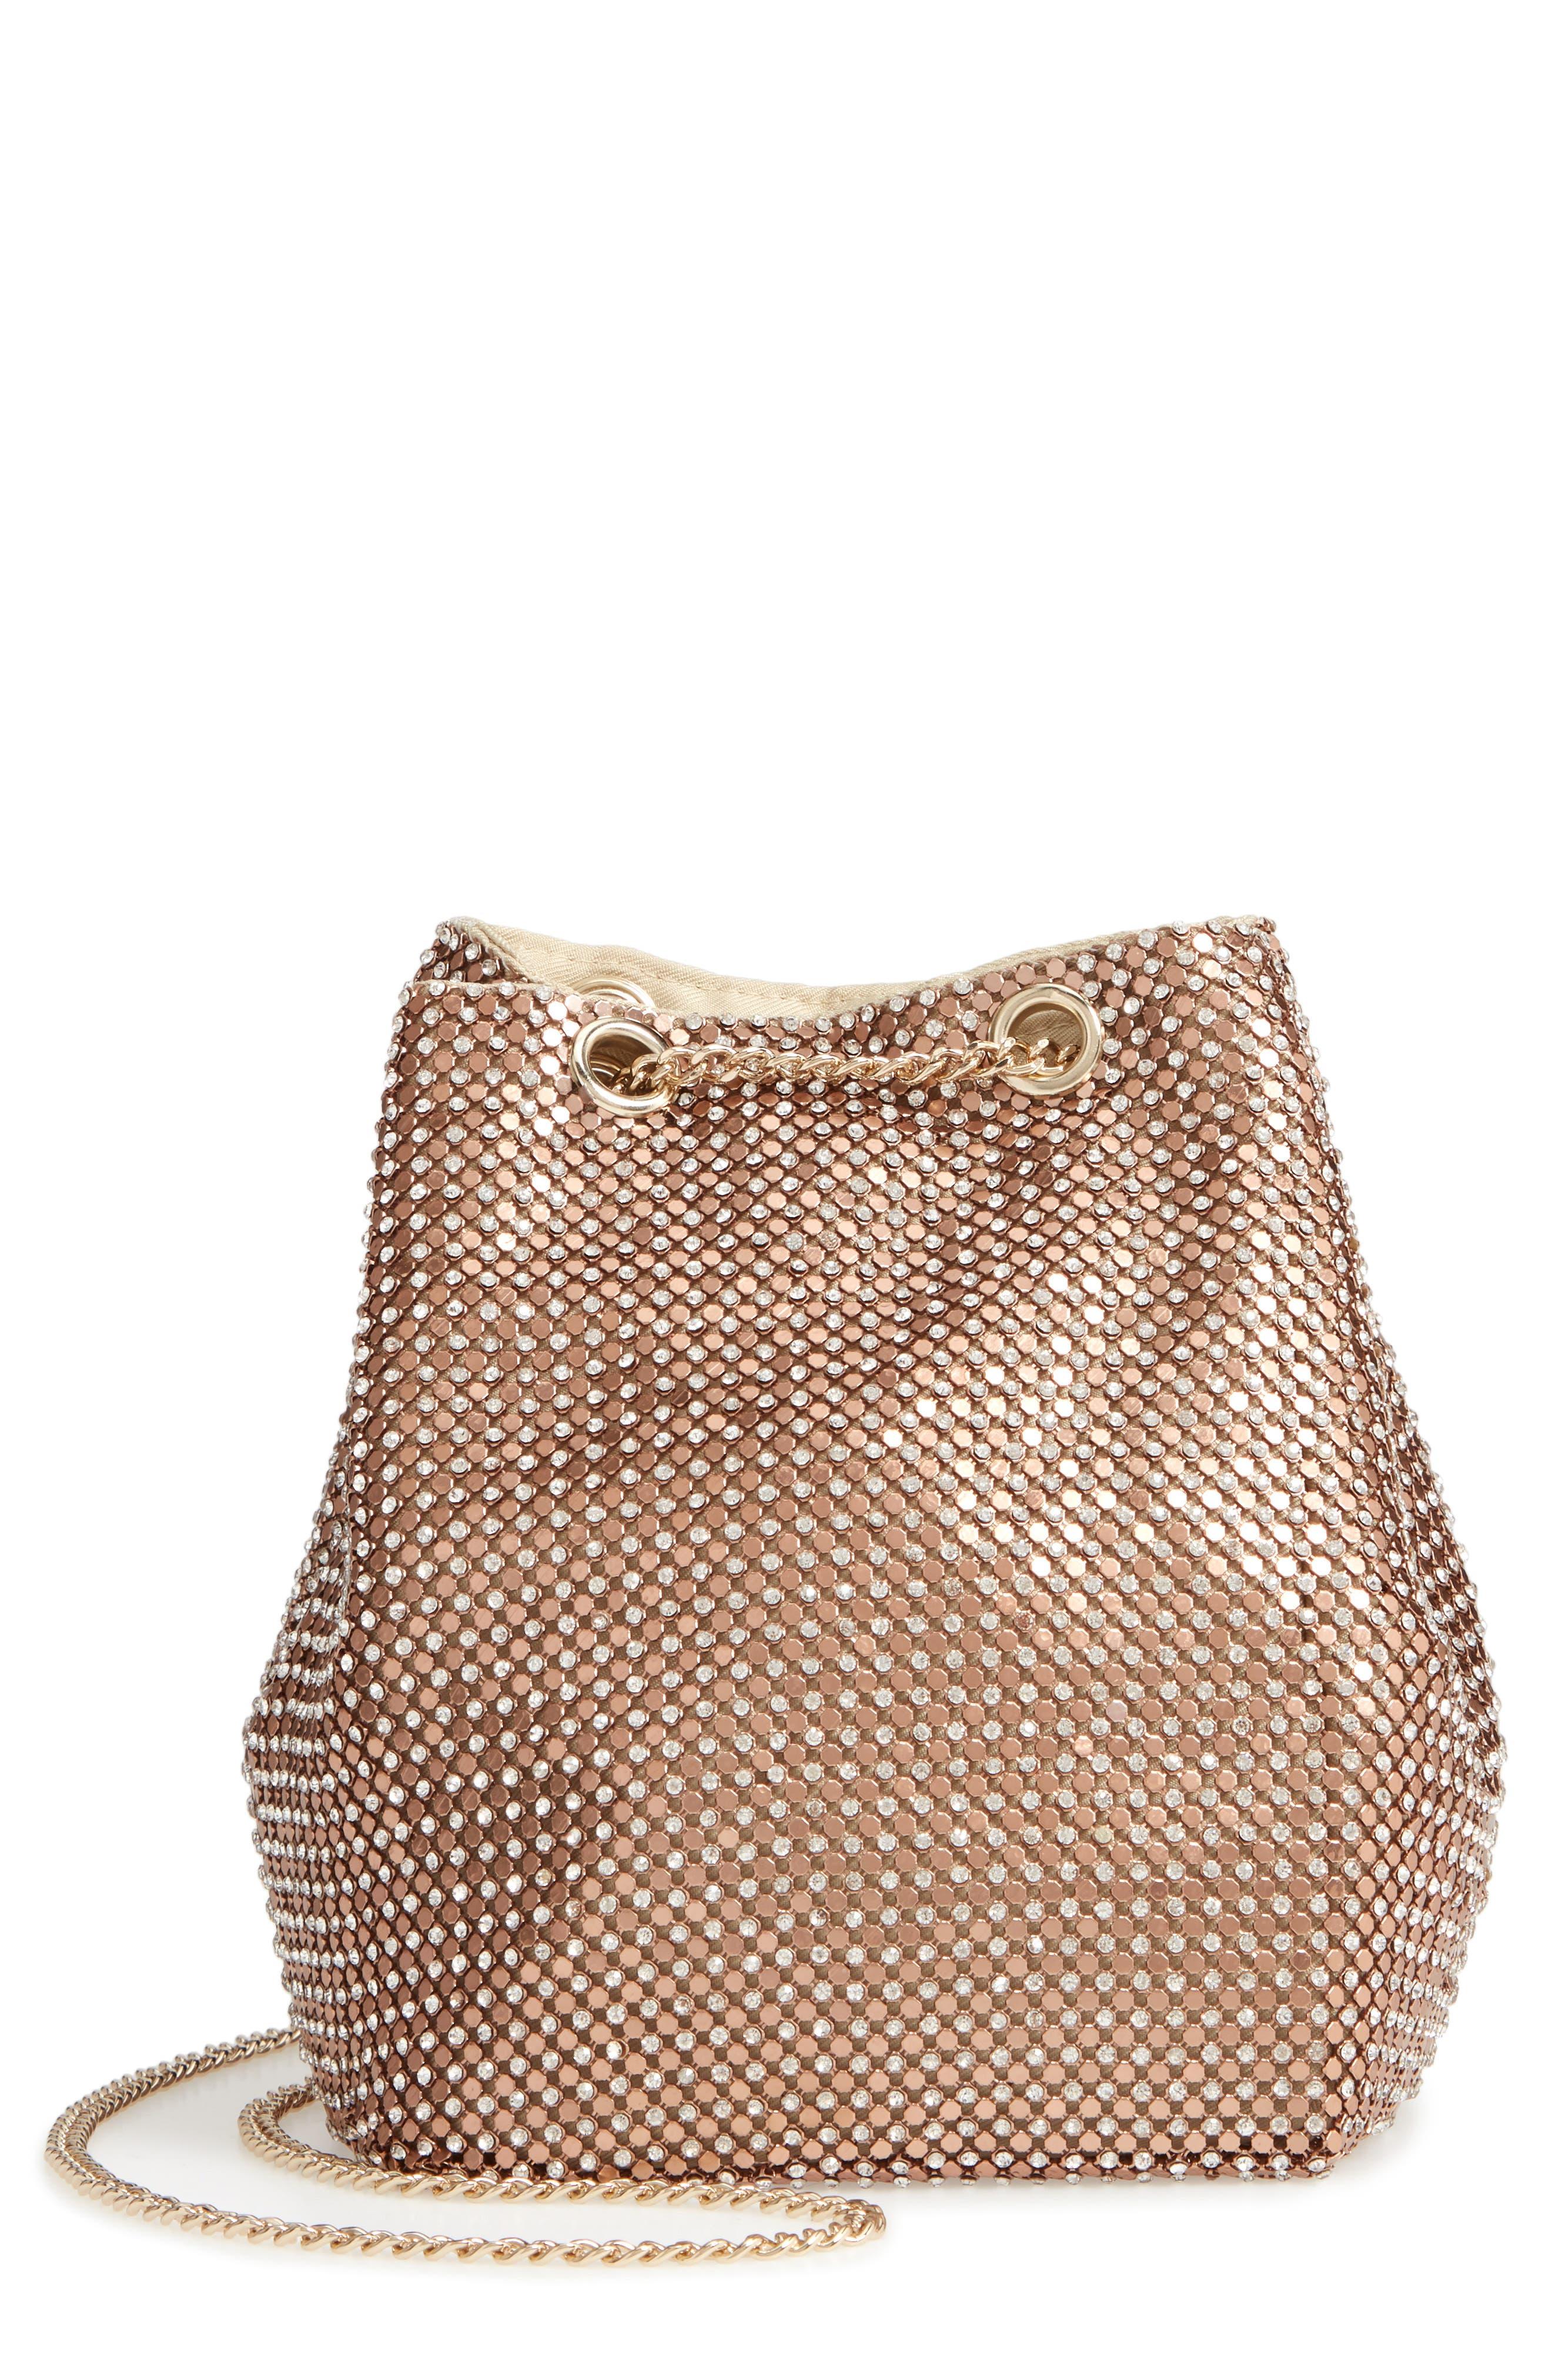 Crystal Mesh Crossbody Bucket Bag,                             Main thumbnail 1, color,                             ROSE GOLD